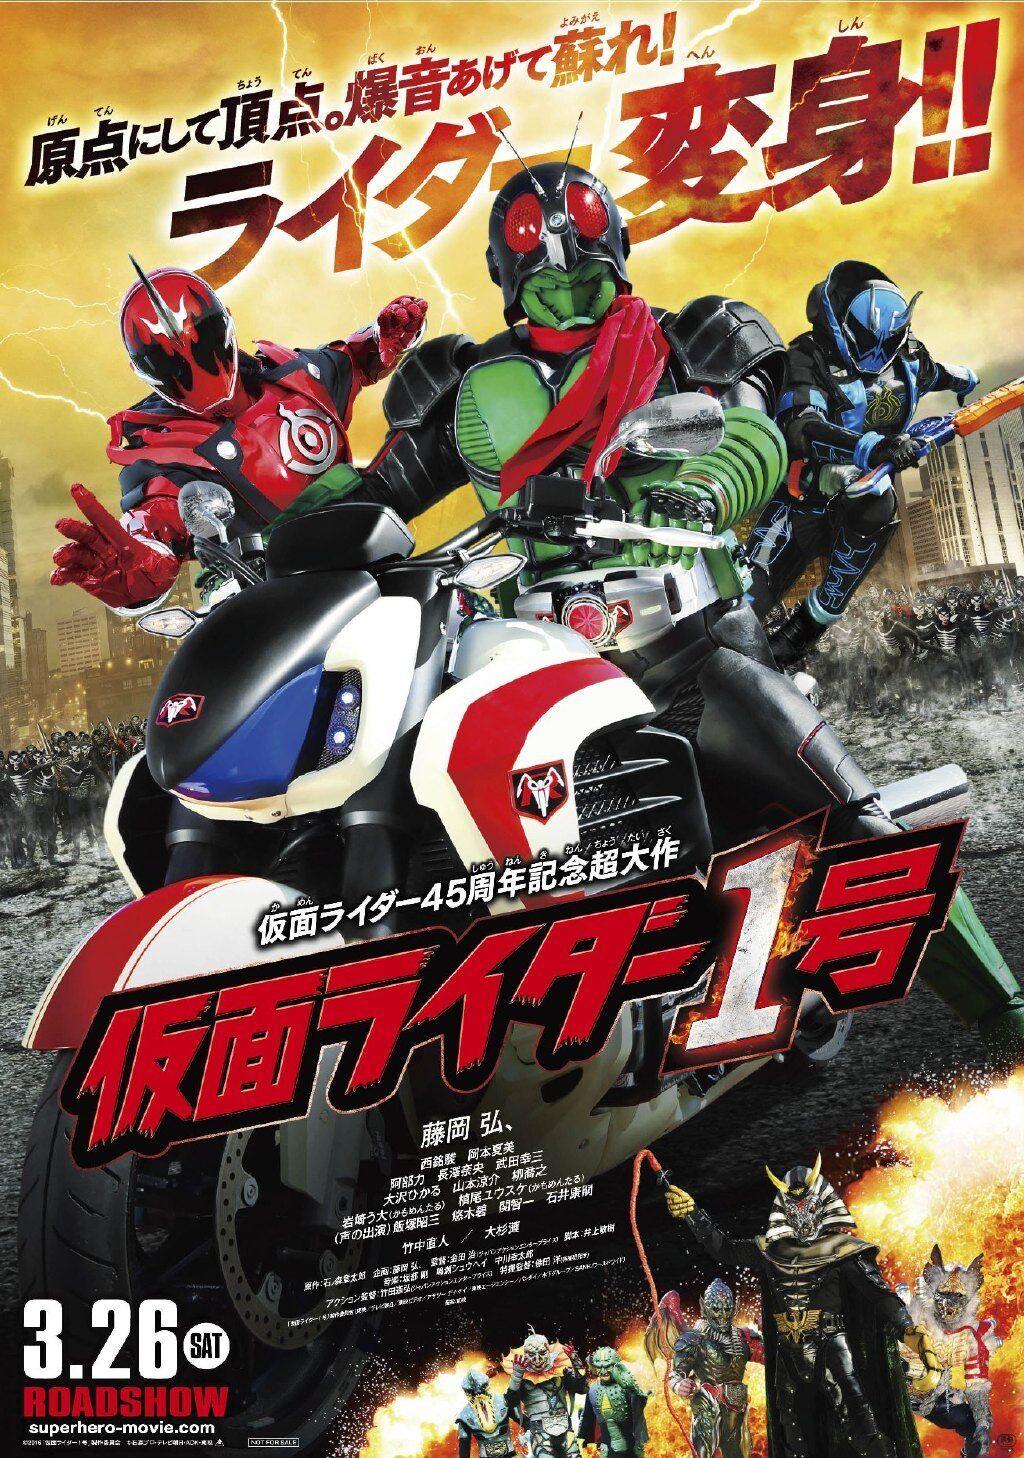 Kamen Rider 1 (movie)